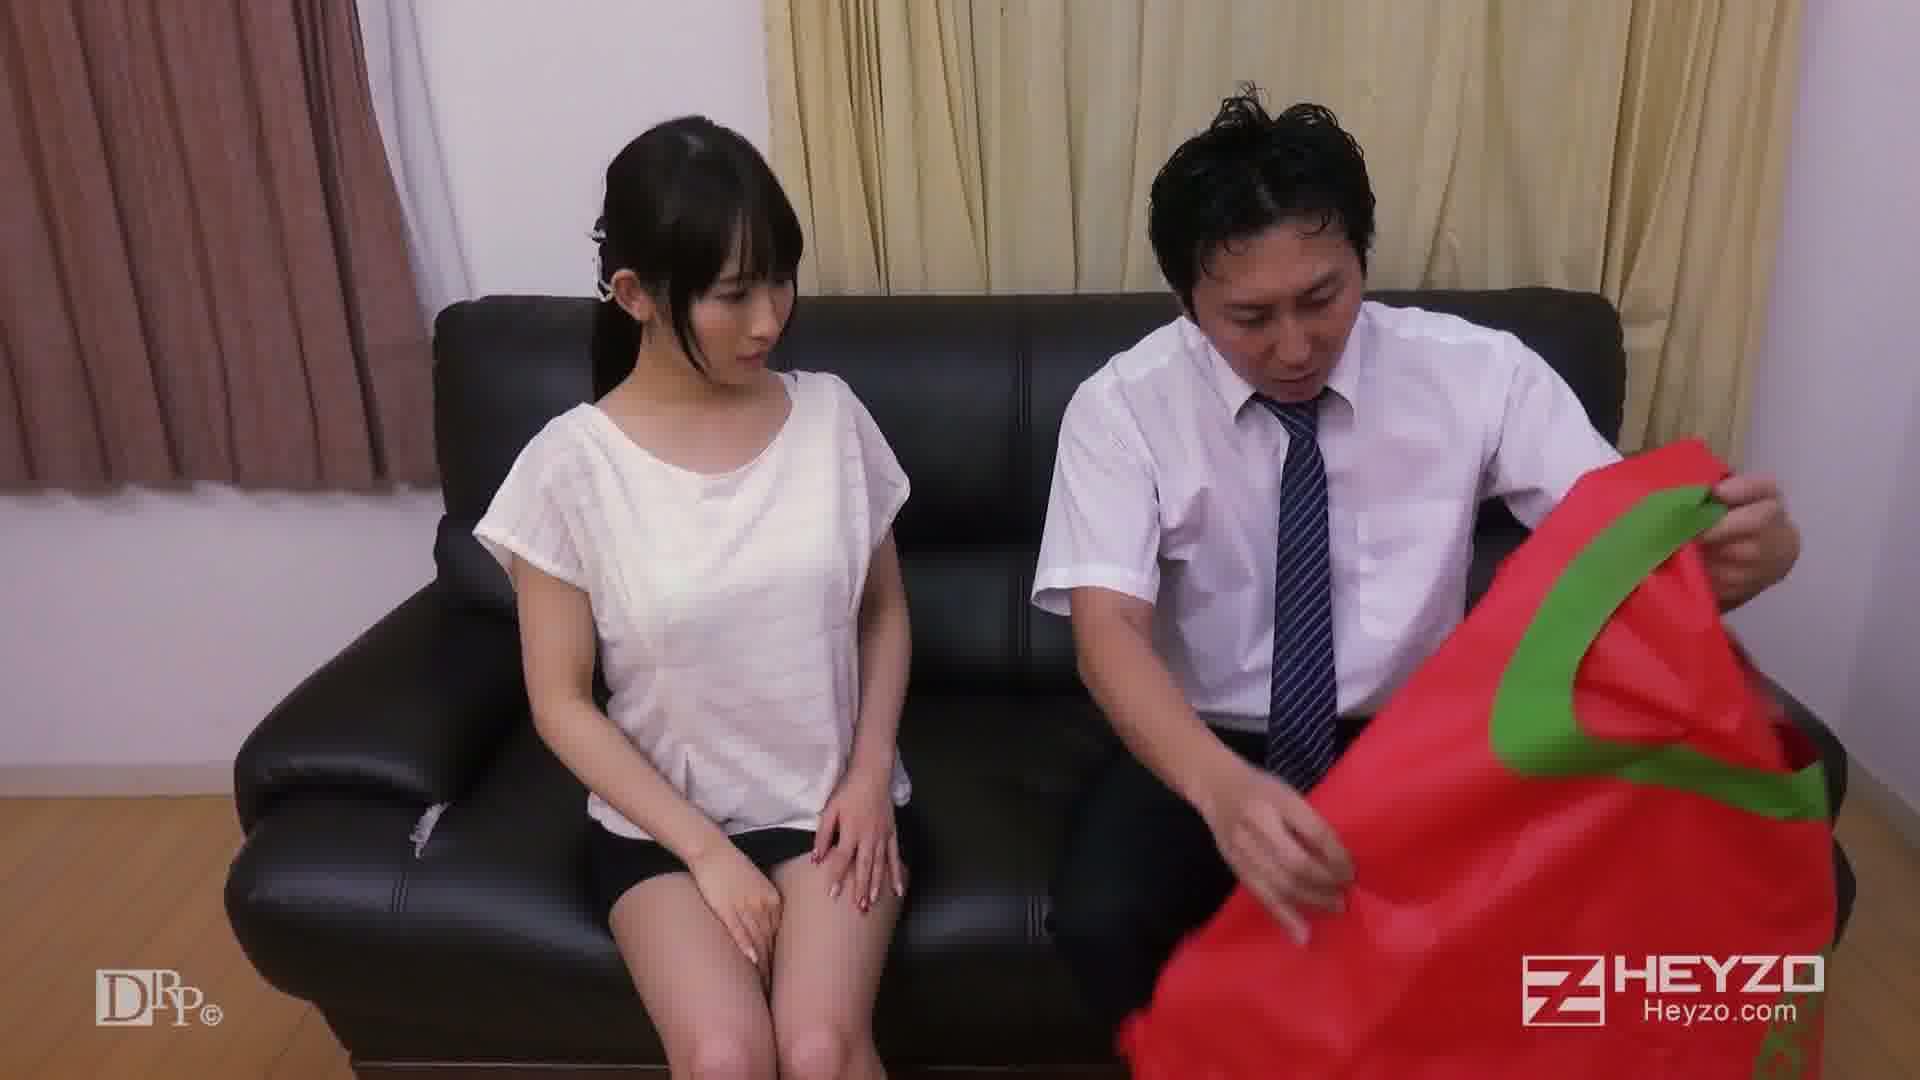 淫らな二人羽織~下の口でニンジンいただきます!~ - 美咲結衣【二人羽織練習】